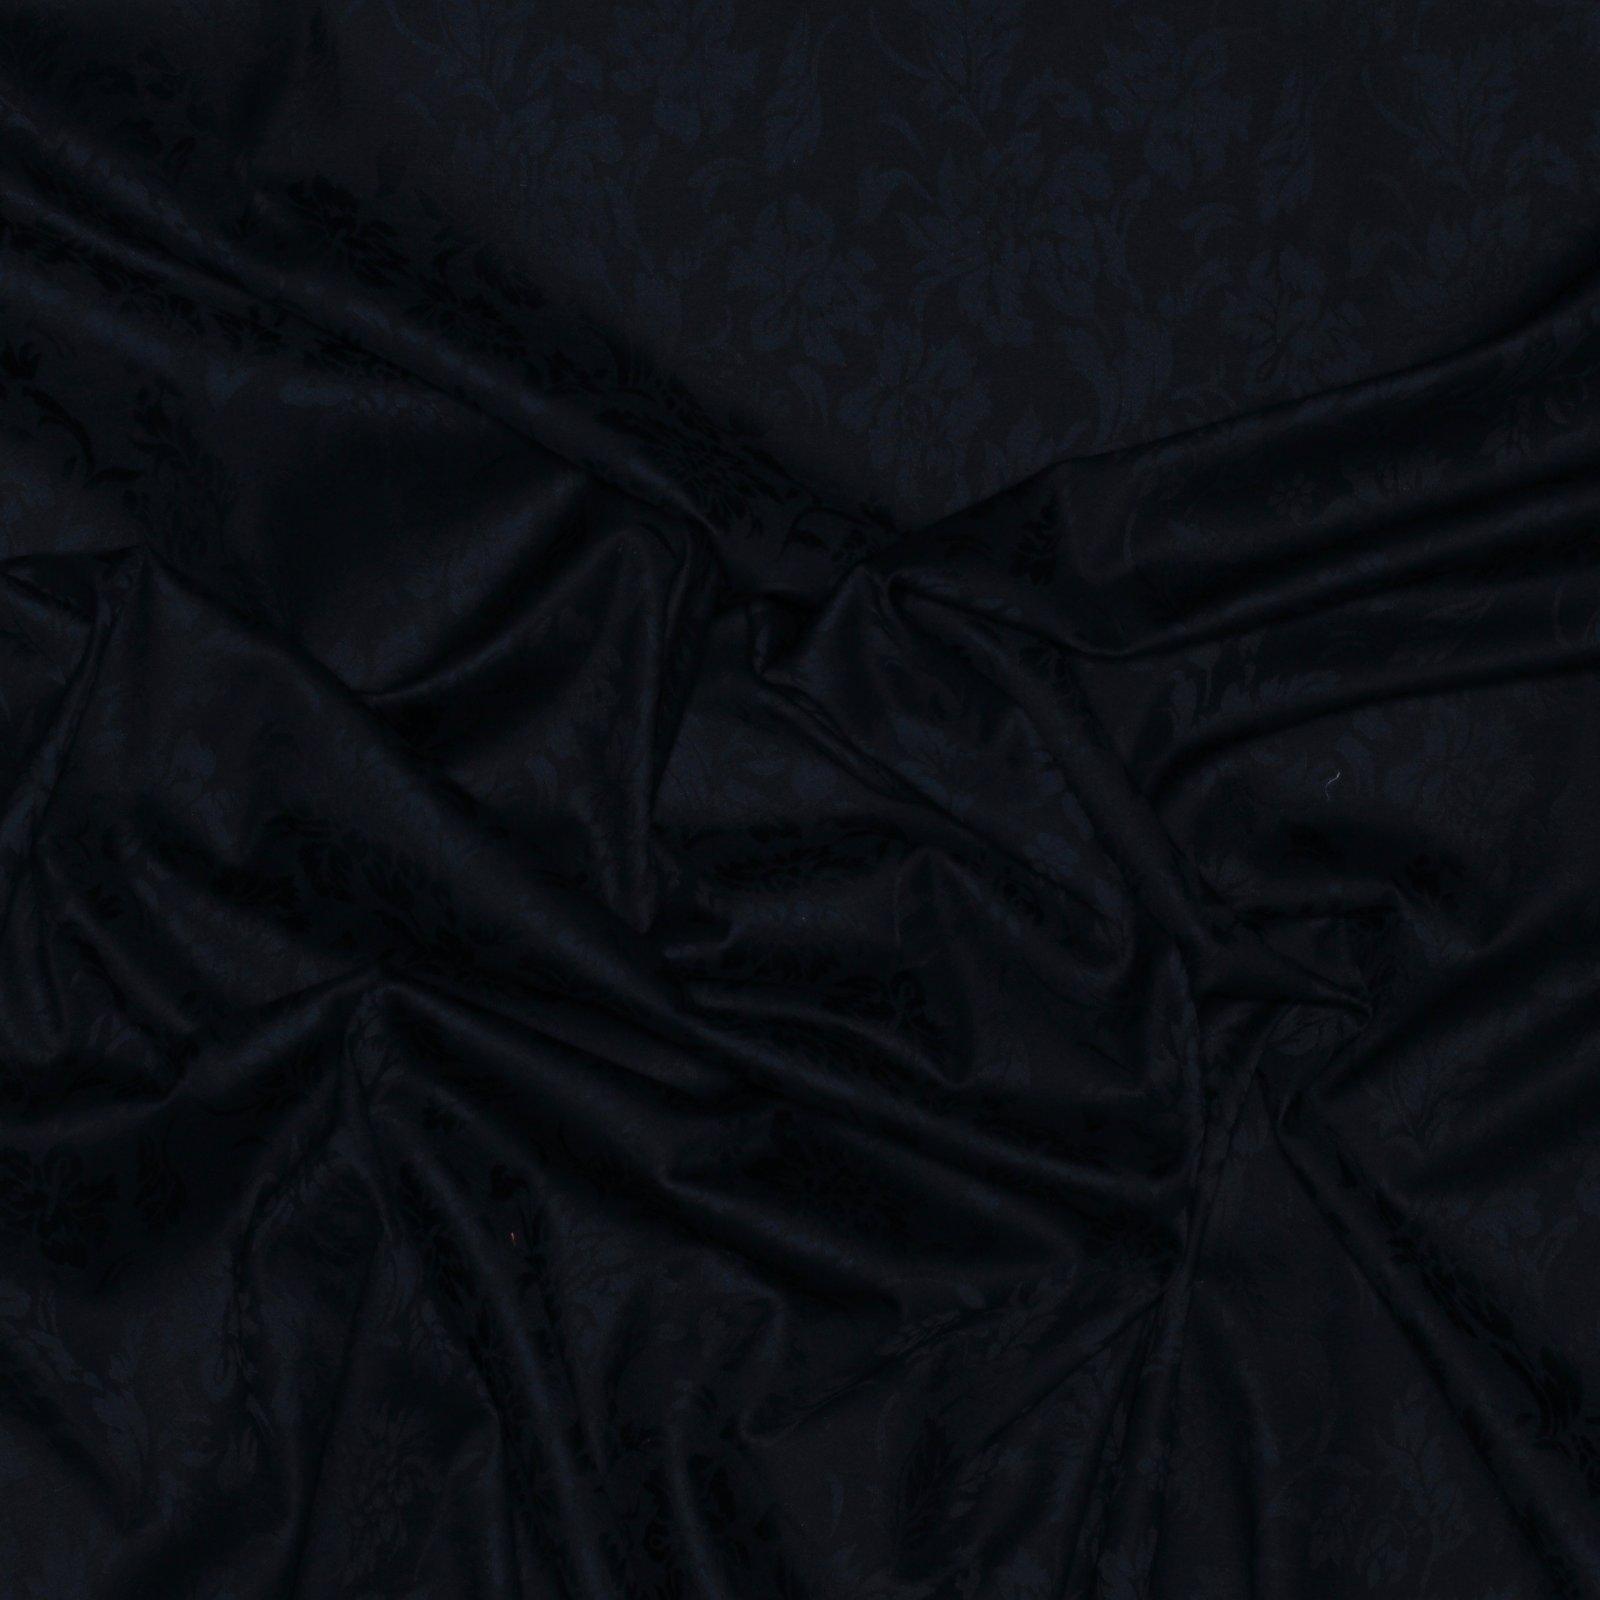 Derek Lam Black on Black Floral Jacquard